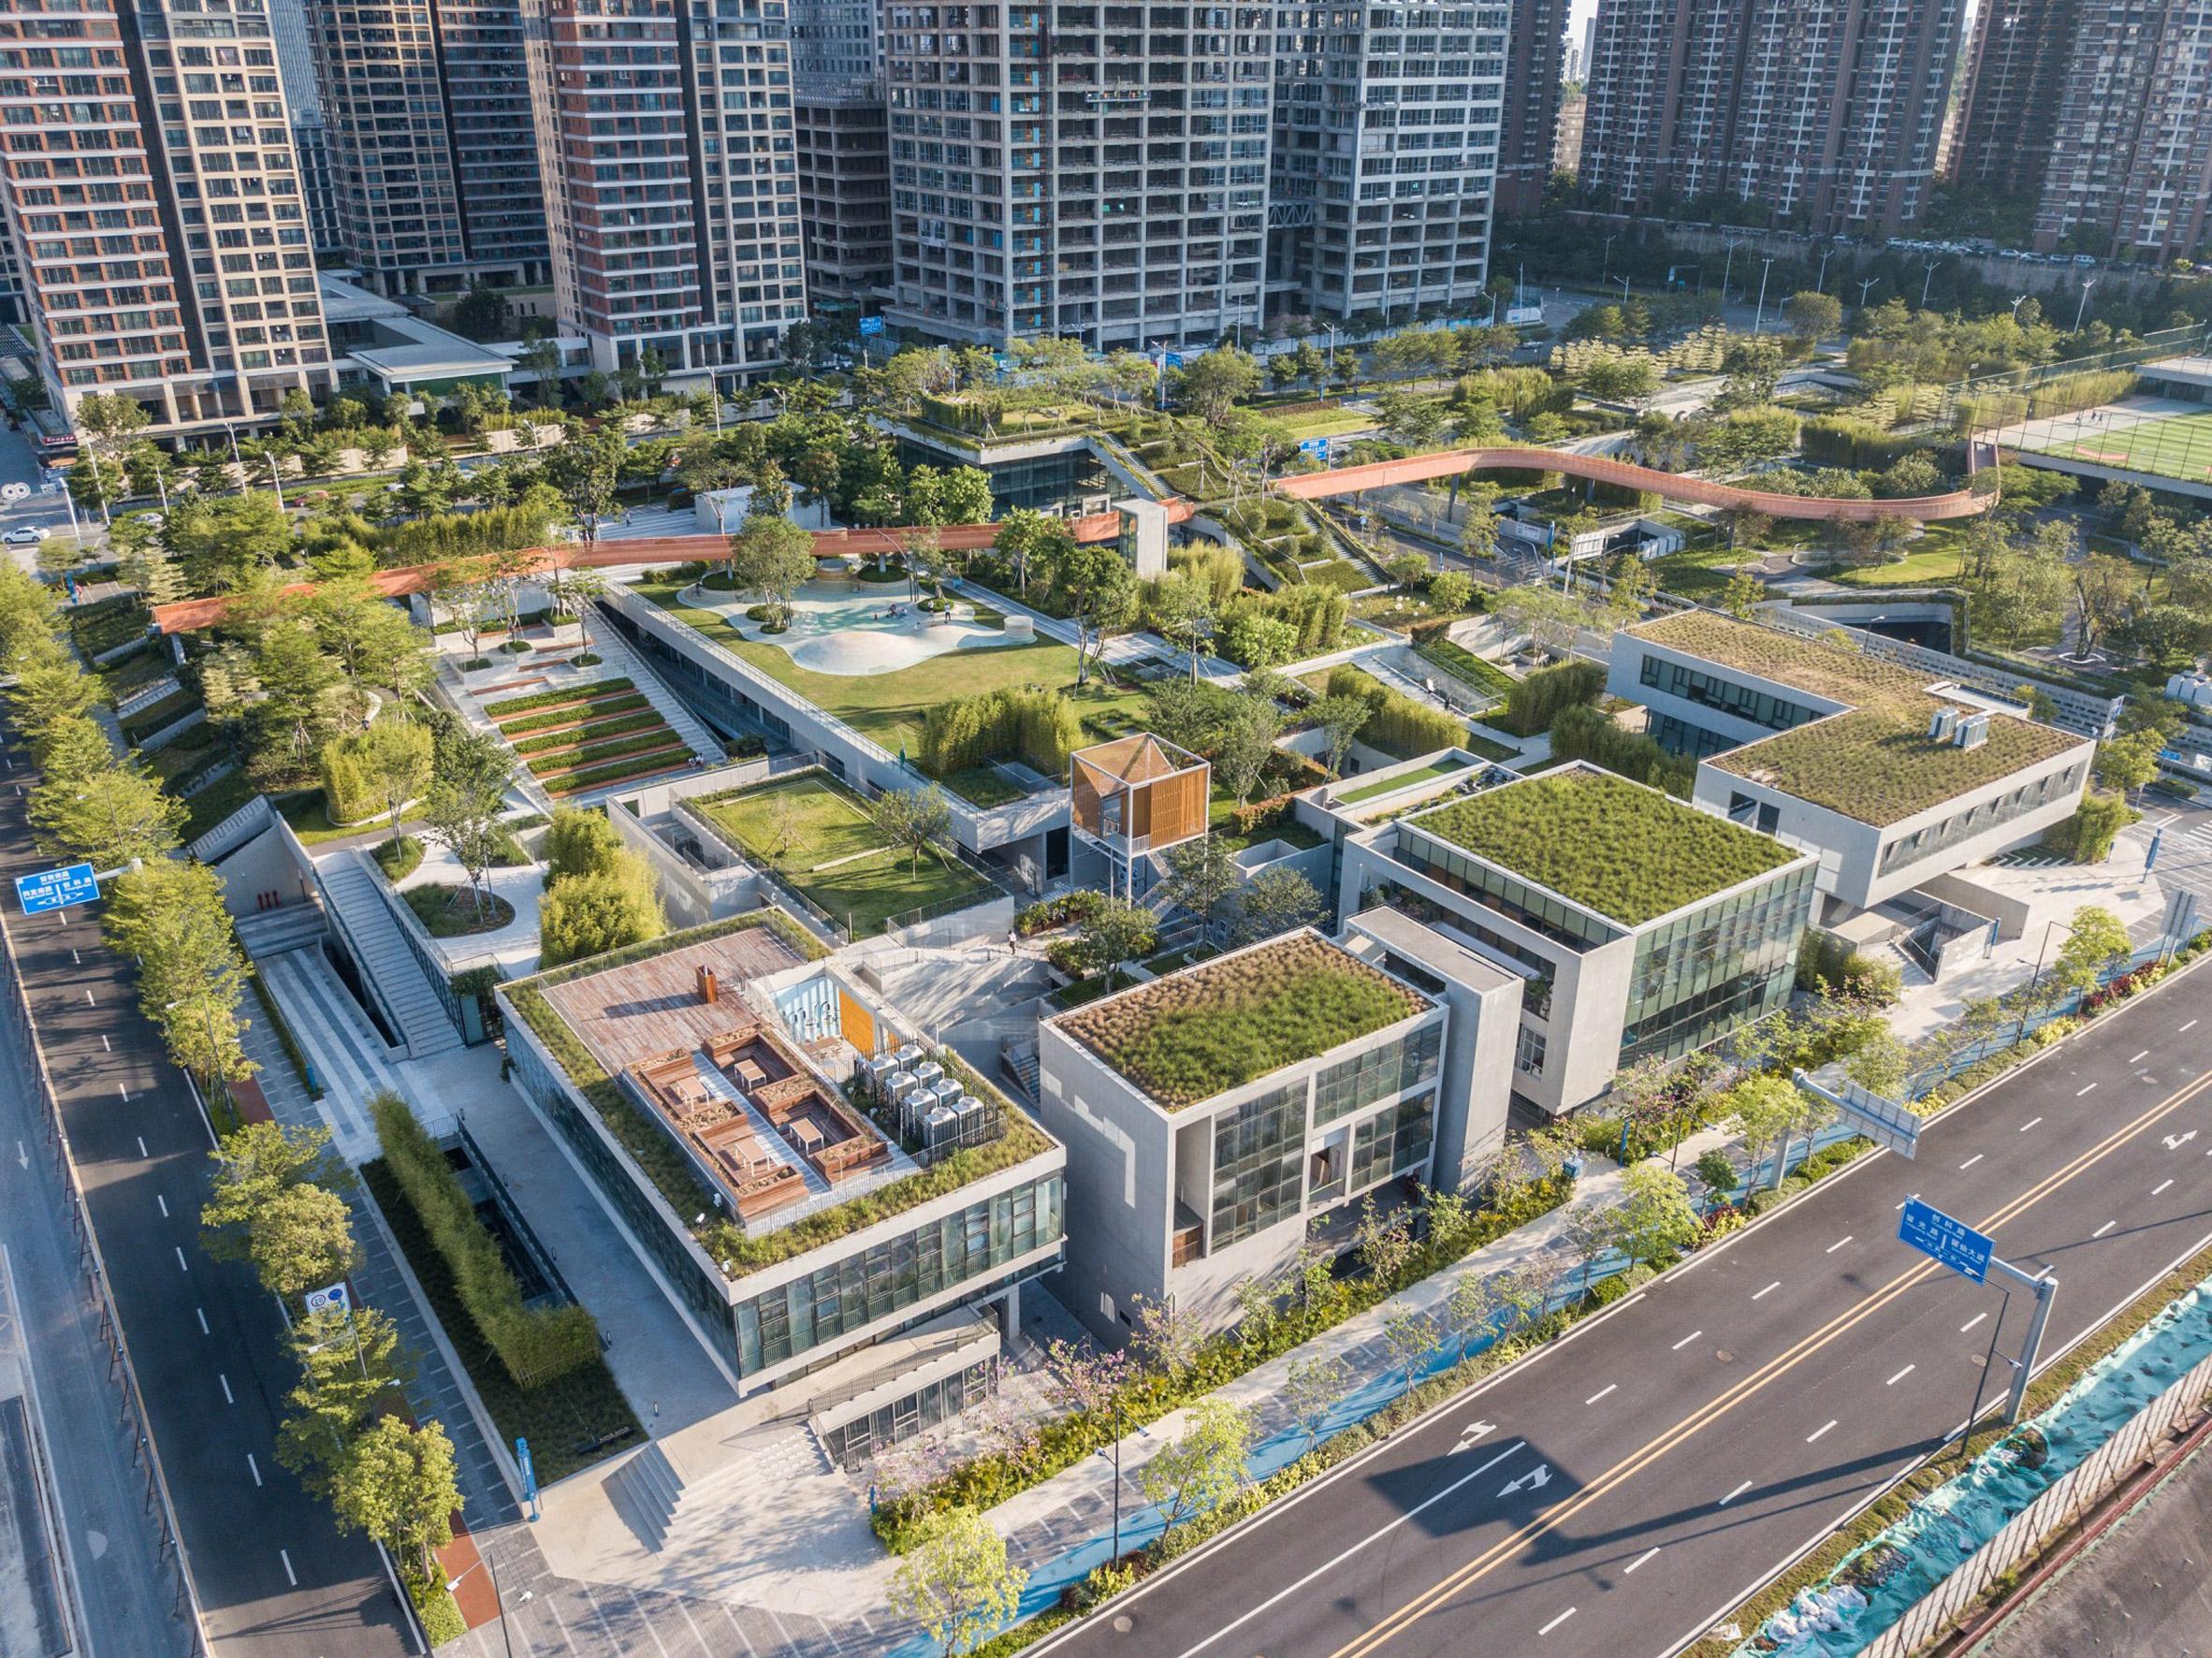 Thiết kế cảnh quancông viên cây xanh 1